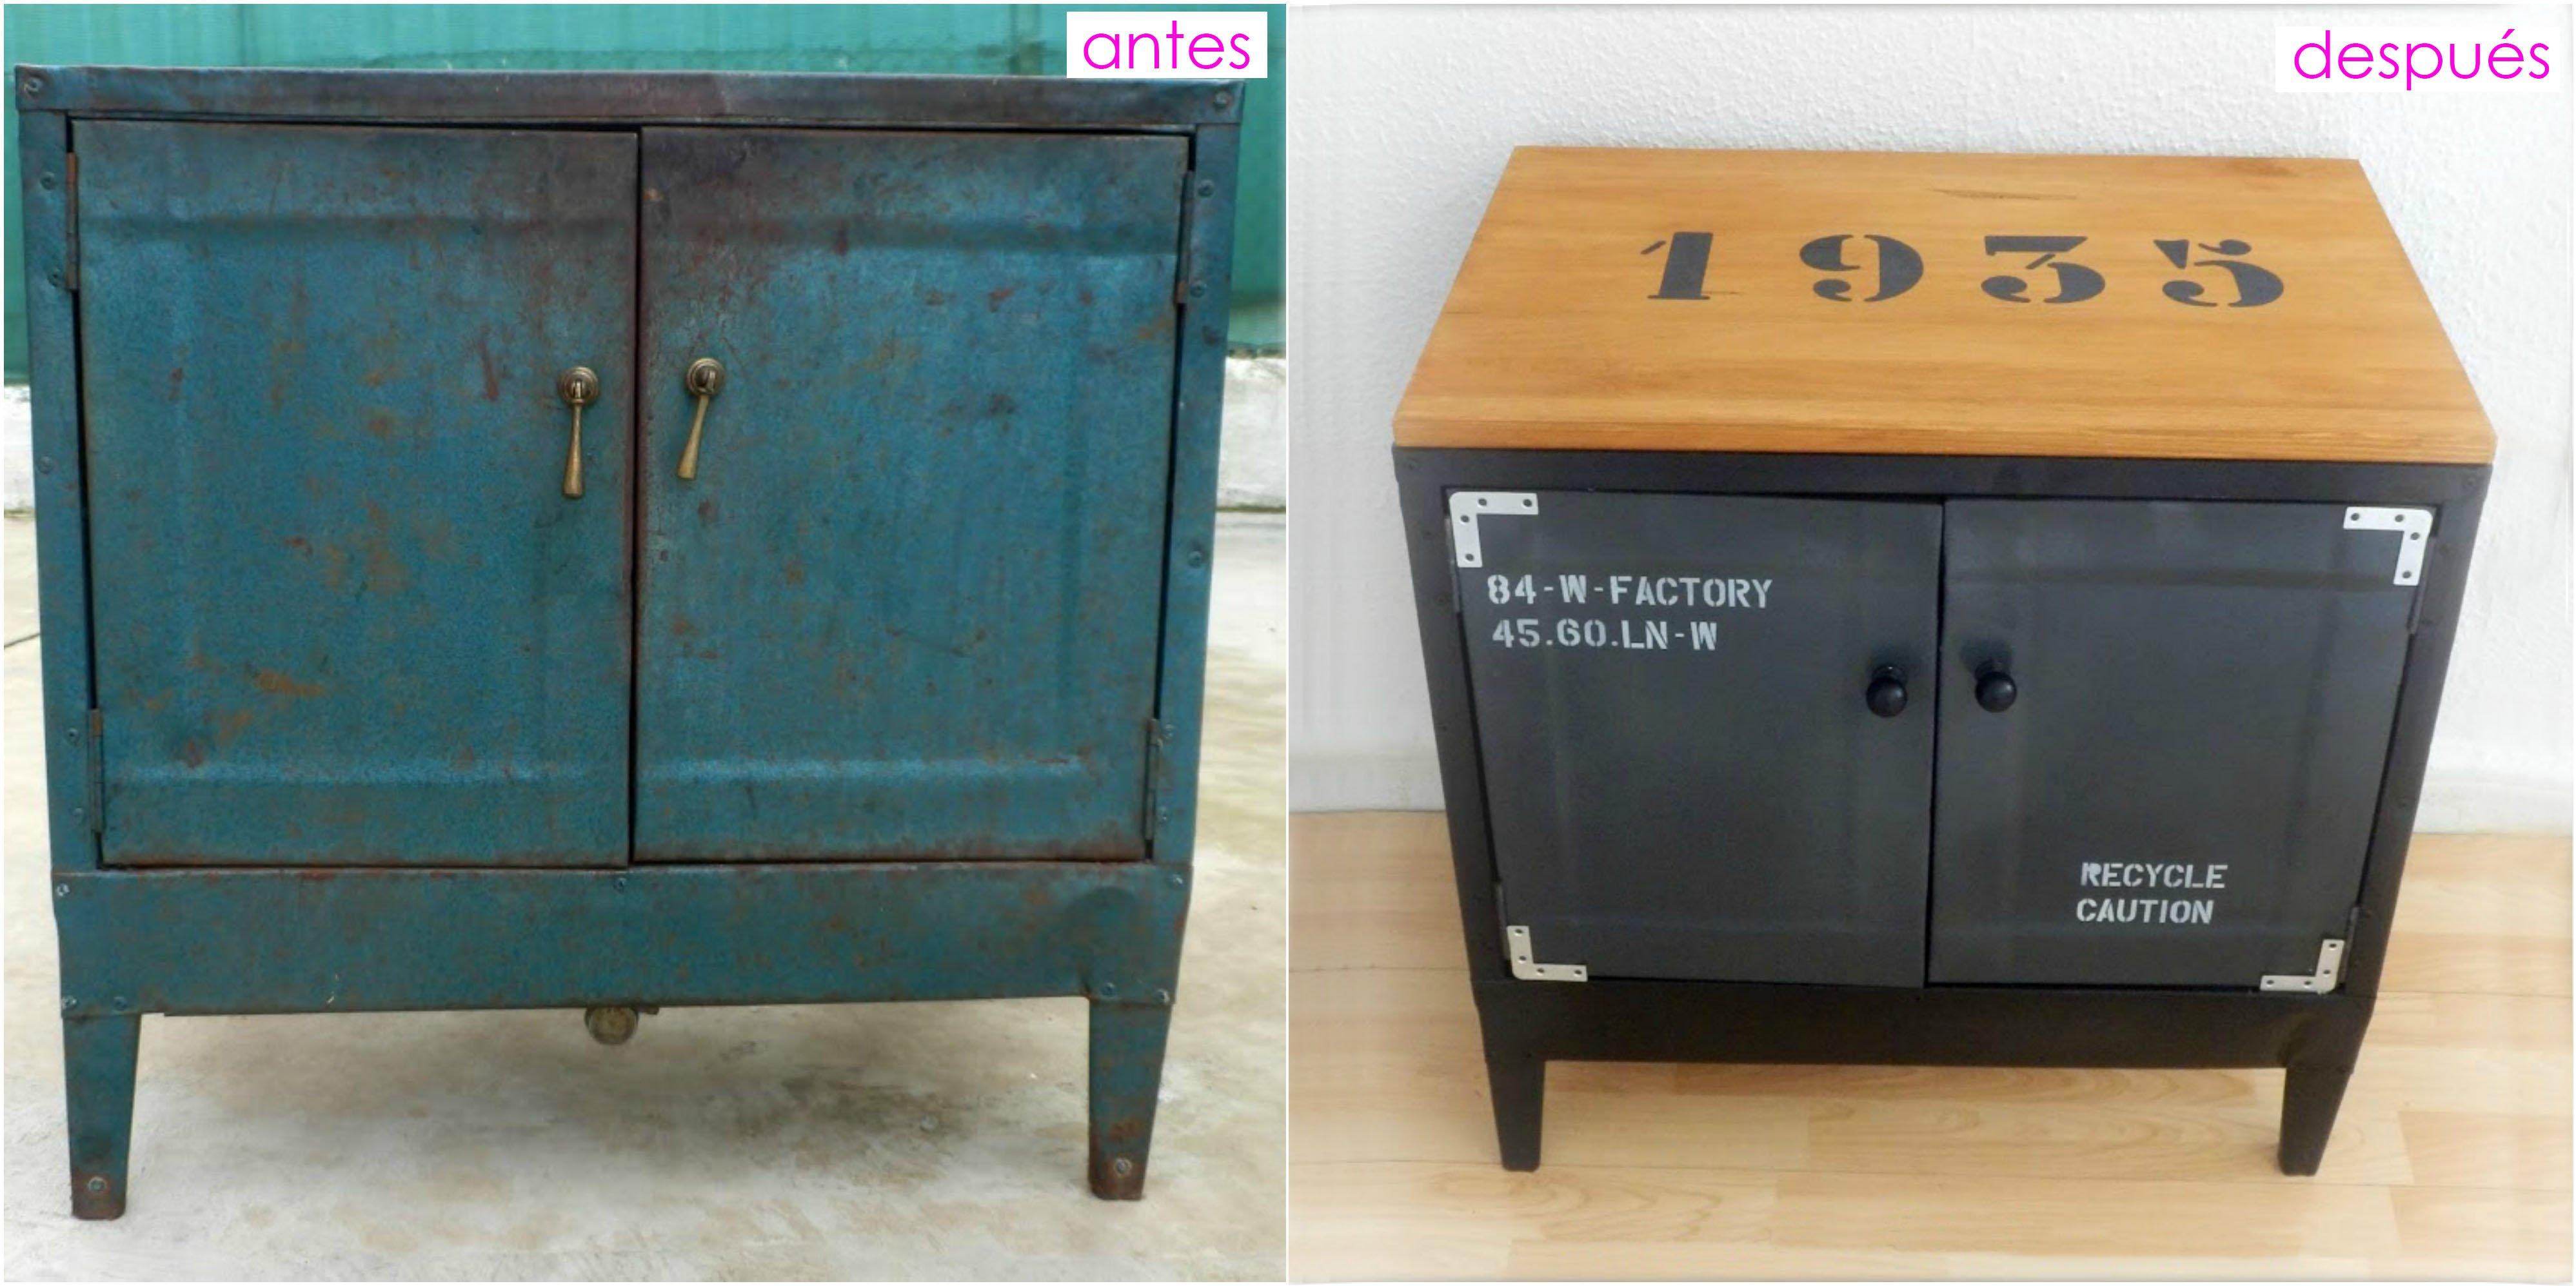 algunas veces tenemos muebles que no son de madera y no tenemos idea de cmo devolverles la vida si es tu caso puedes ver este tutorial para rescatar